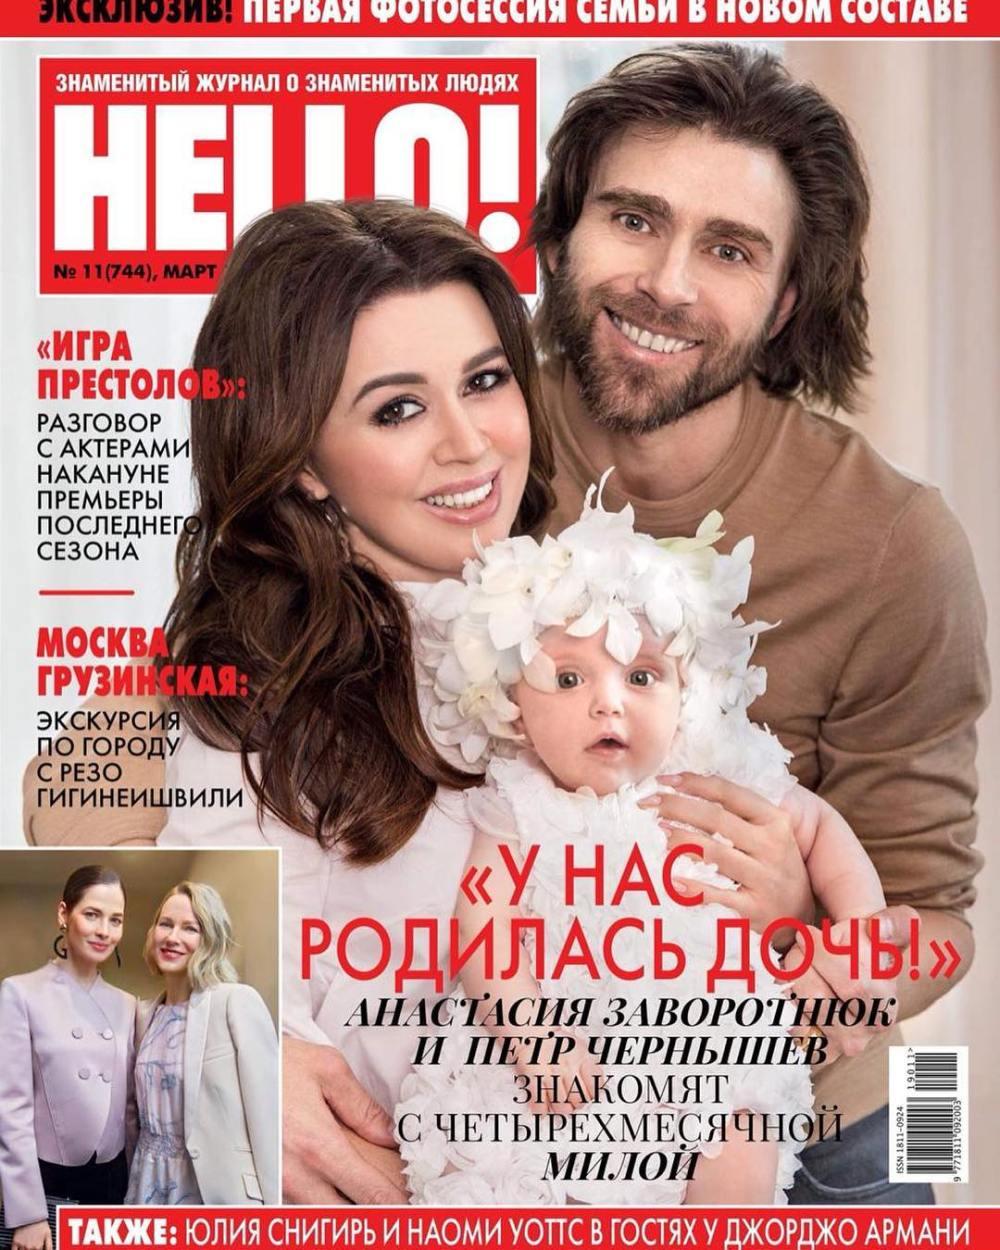 47-летняя Анастасия Заворотнюк родила третьего ребенка — фото